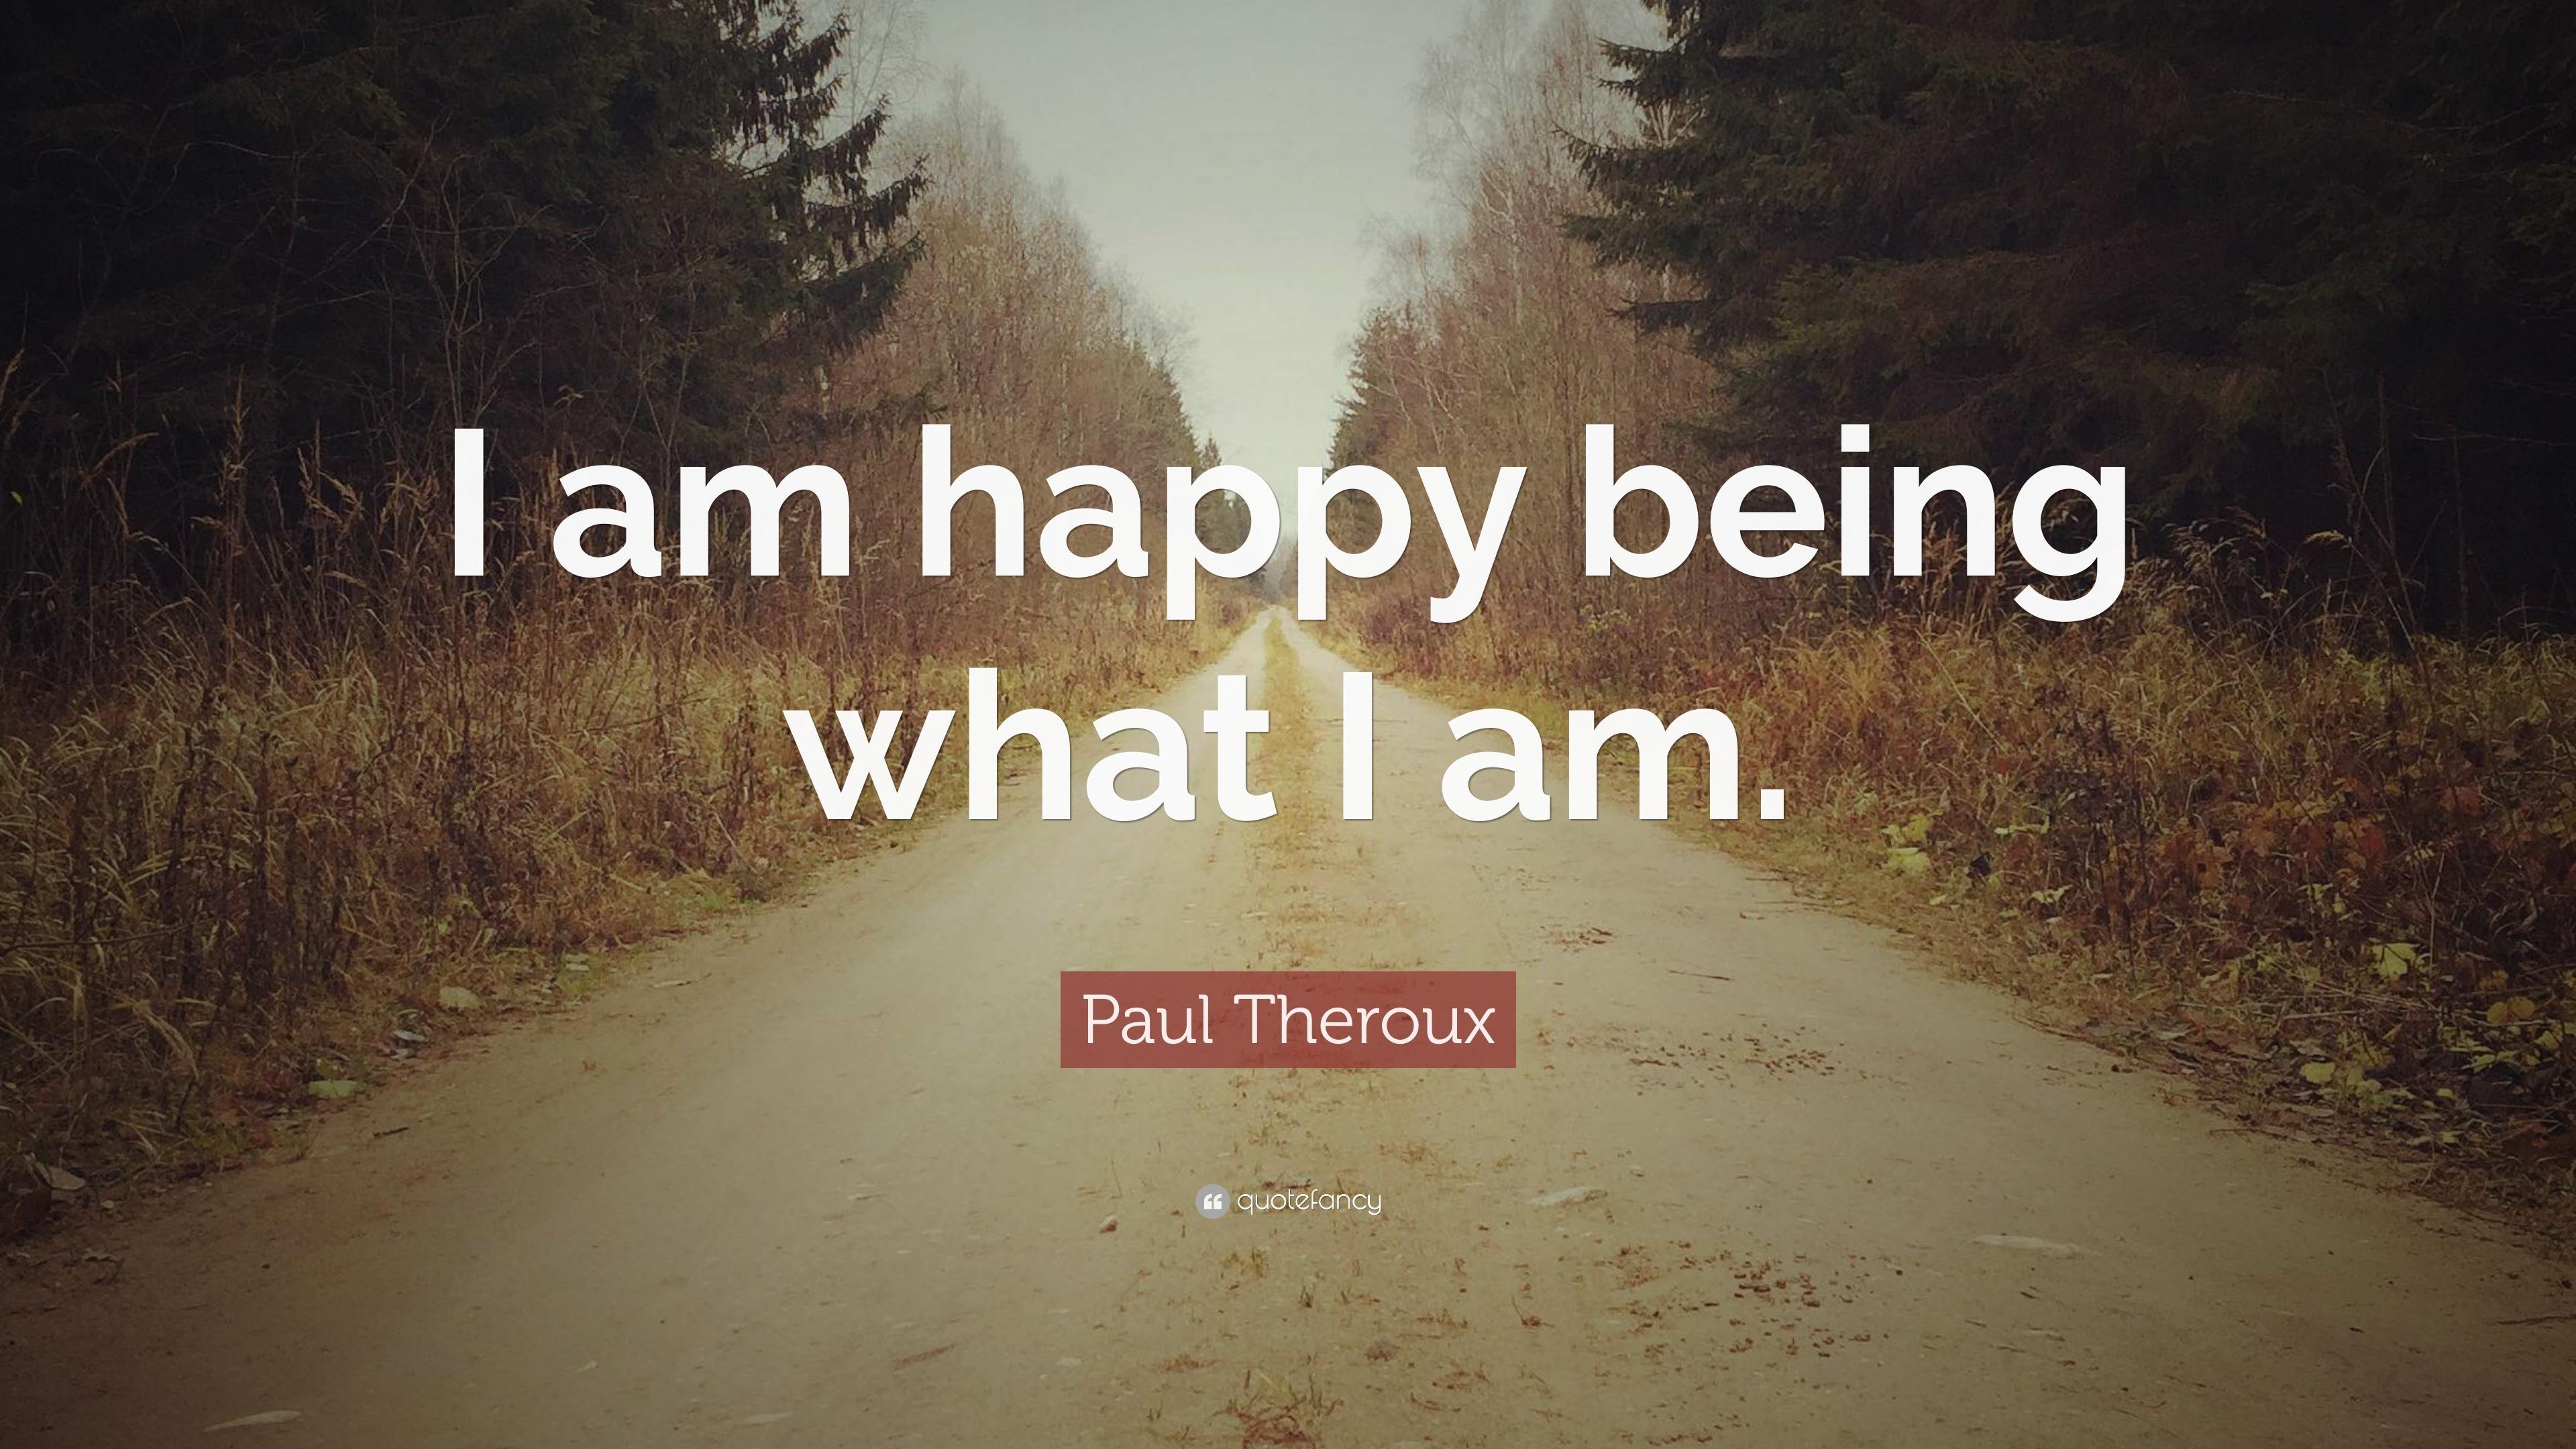 I Am Happy Today Wallpaper | www.pixshark.com - Images ...